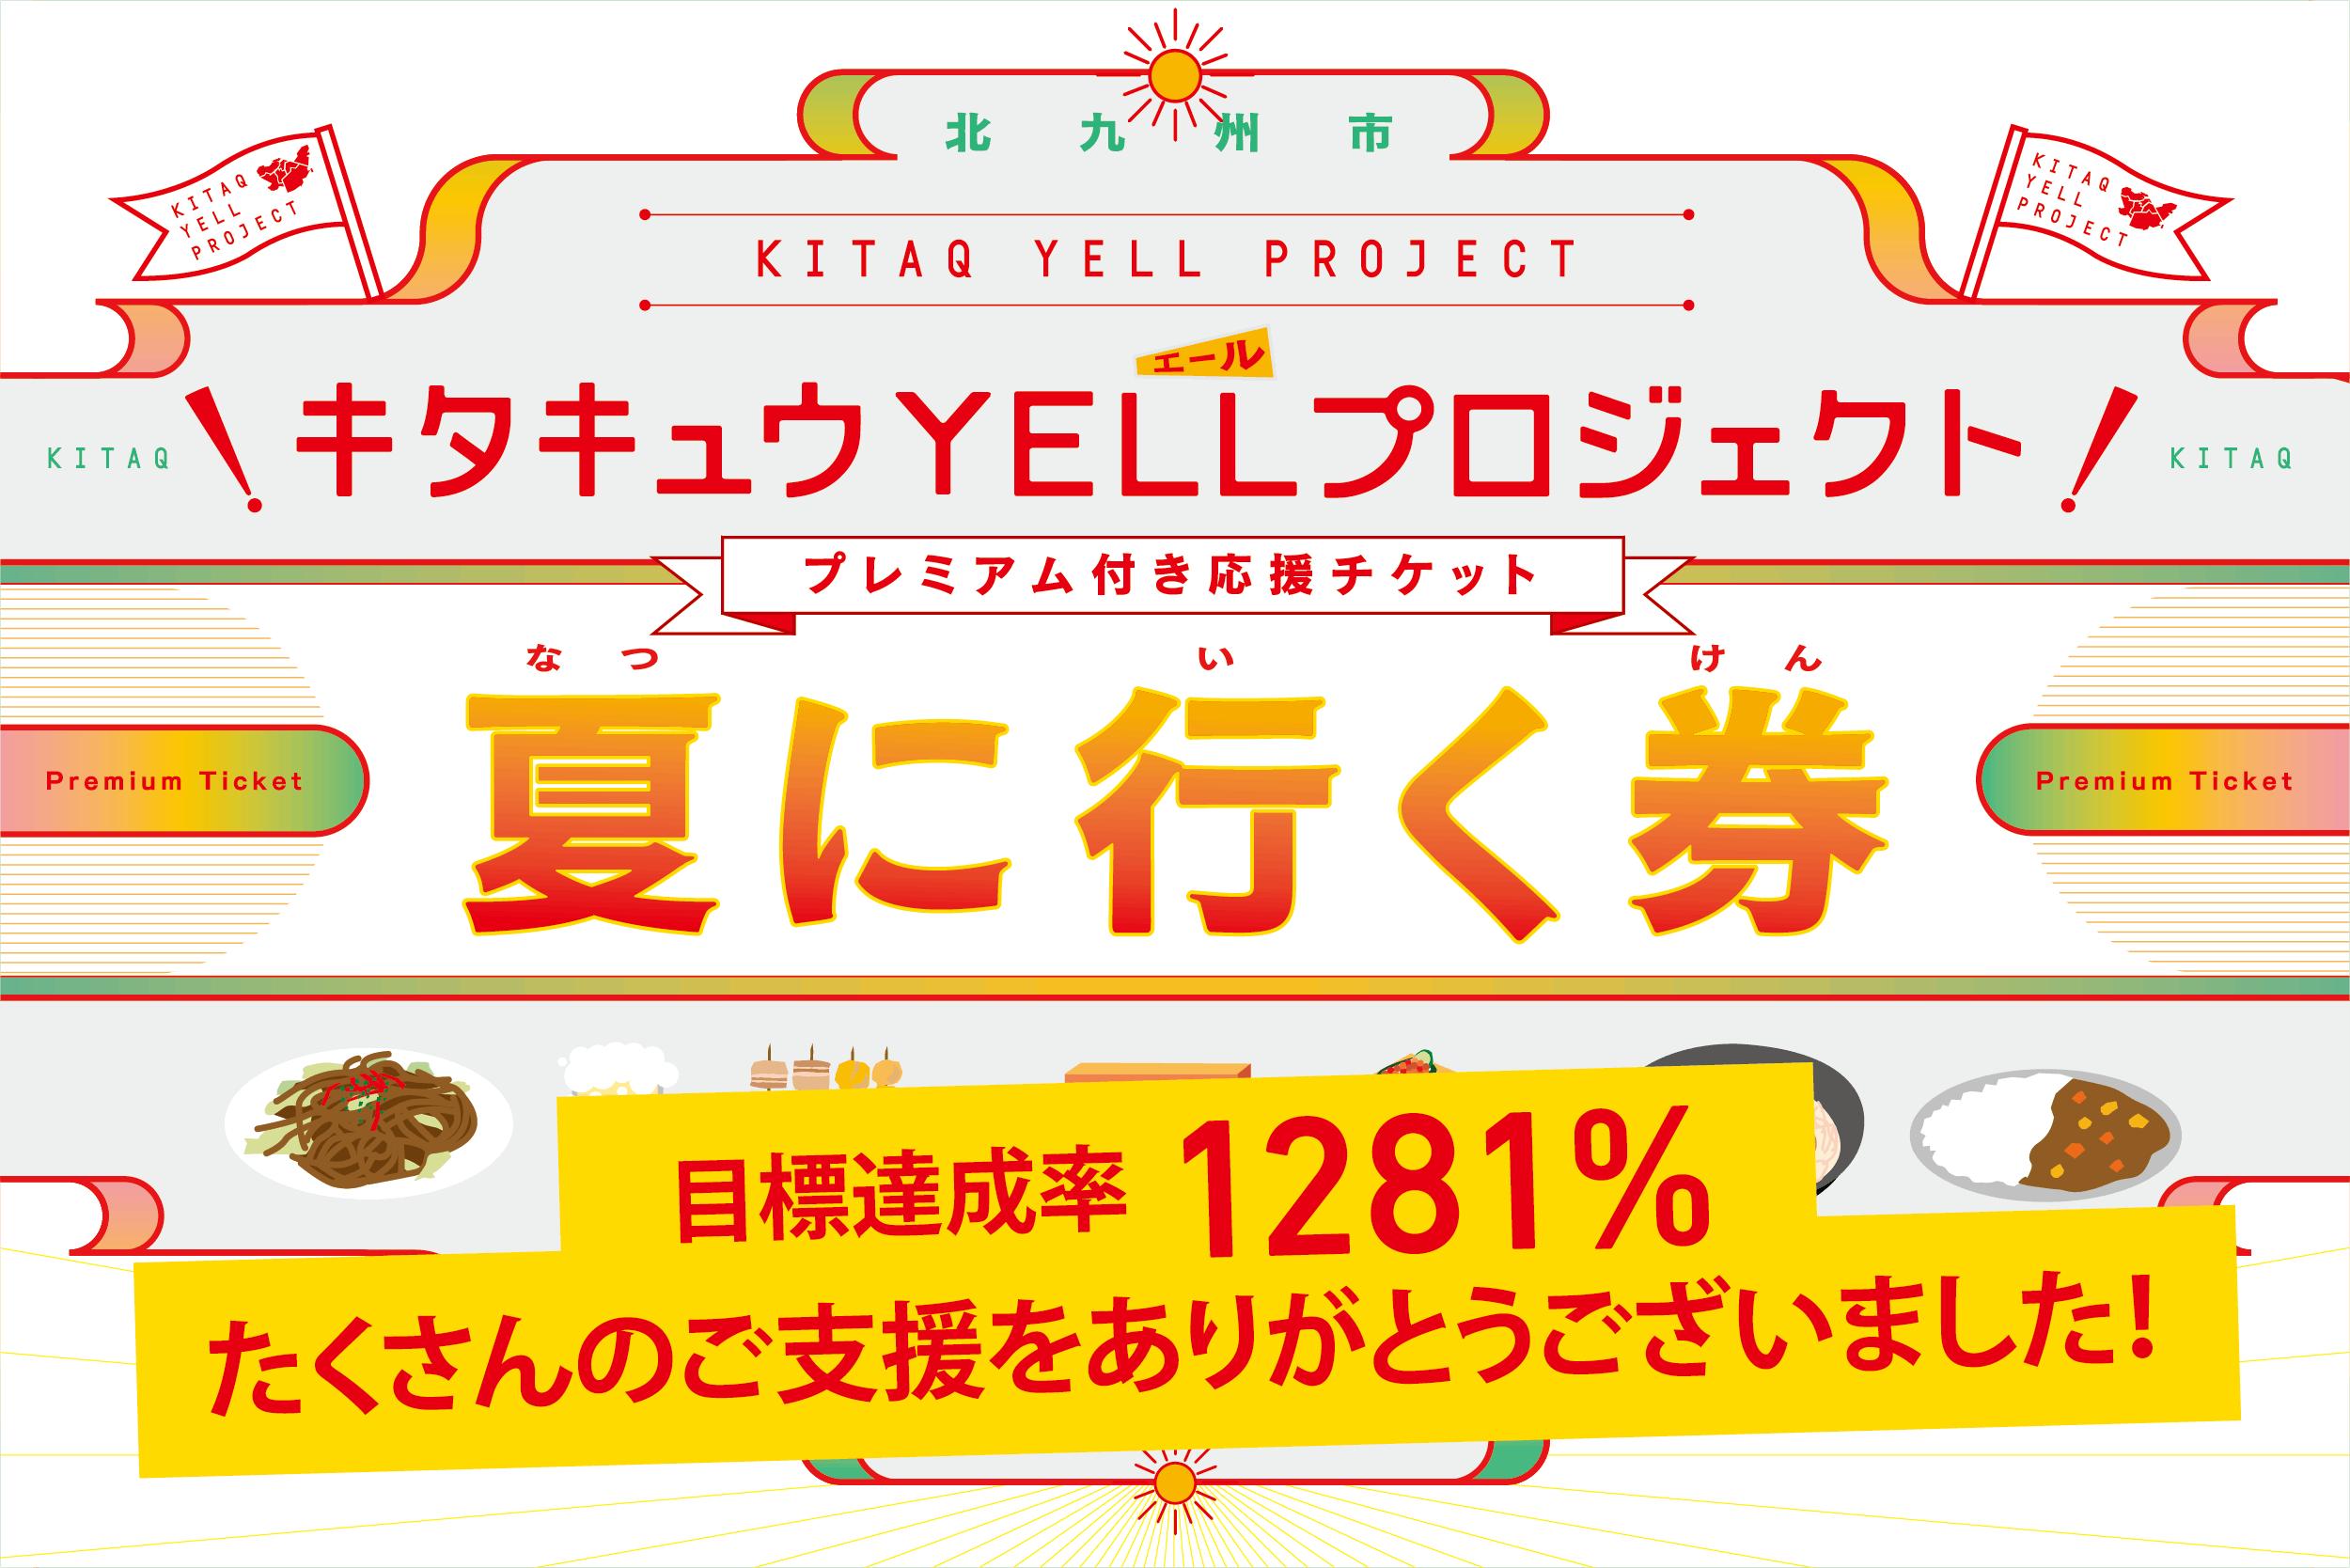 春 に 行く 券 北九州 市 飲食店支援「春にいく券」、北九州市が募集開始:朝日新聞デジタル